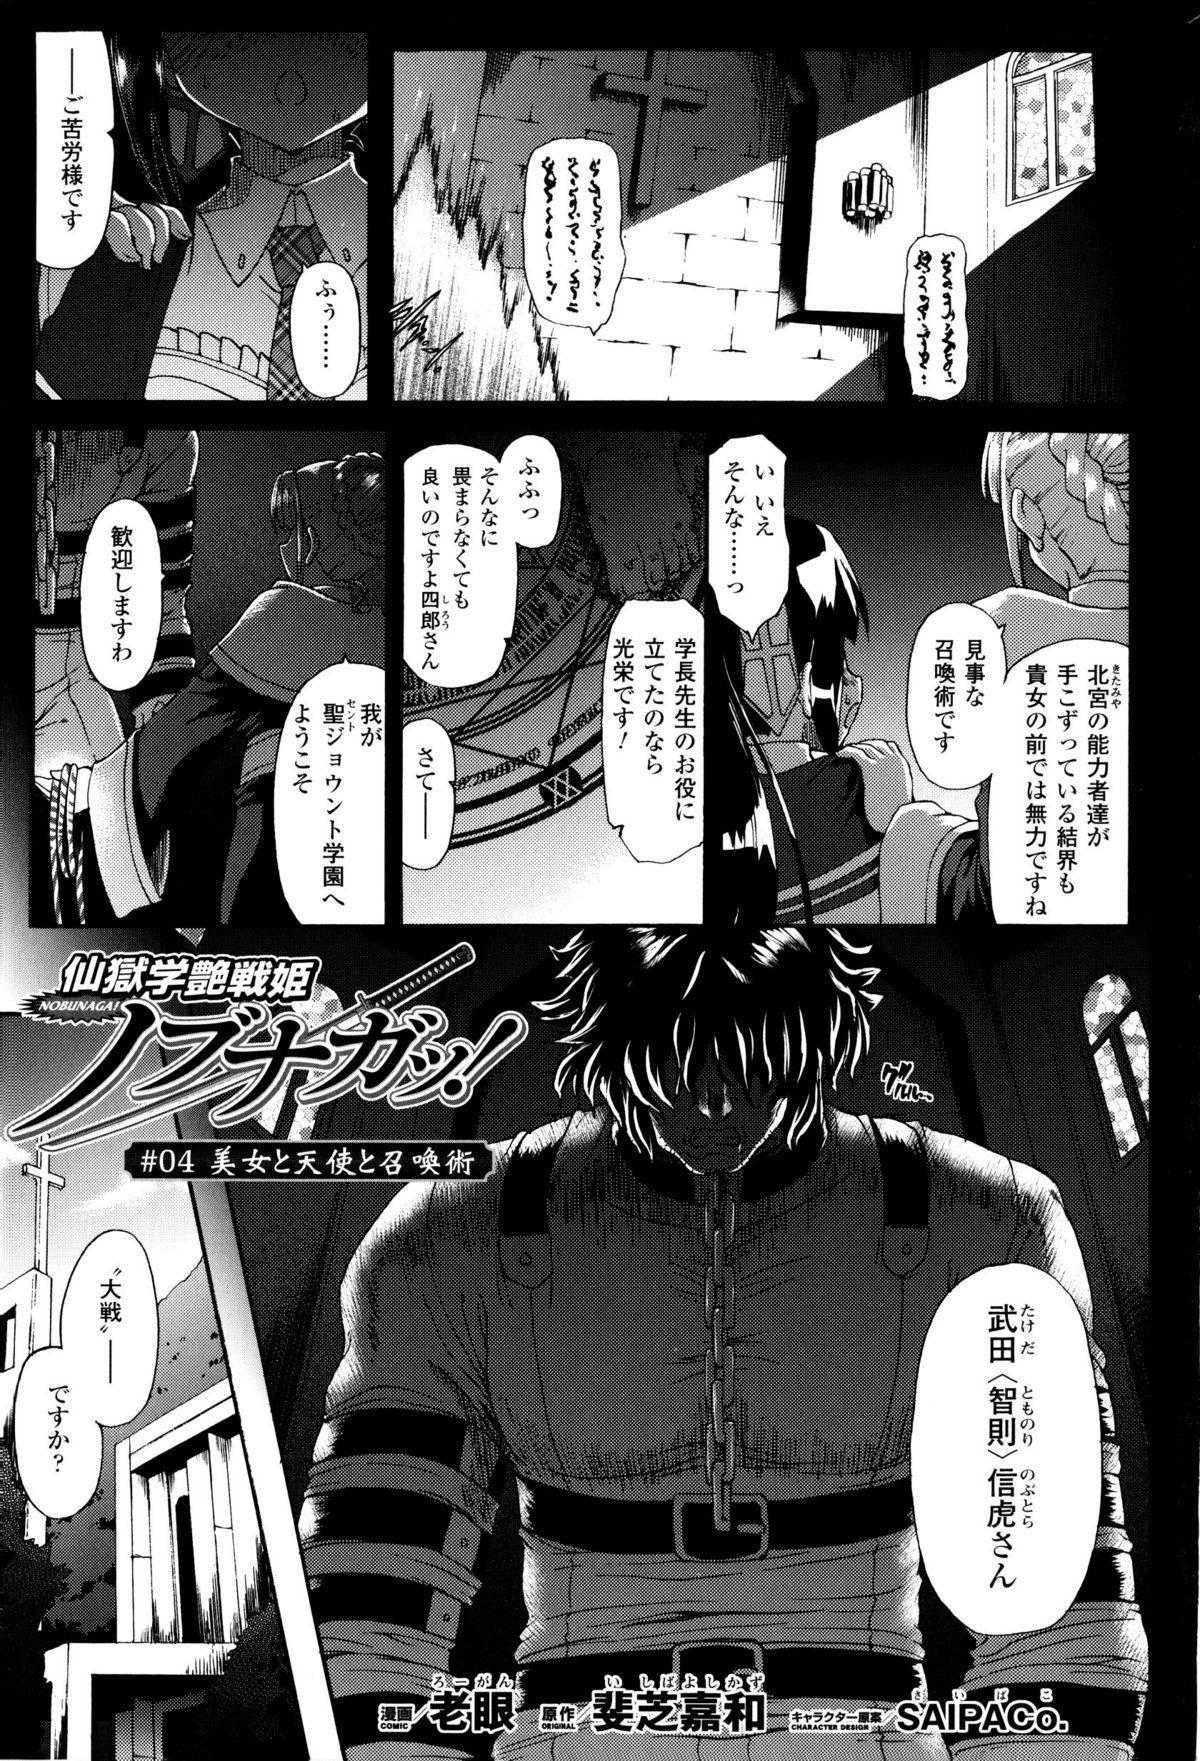 Toushin Engi Vol. 8 5